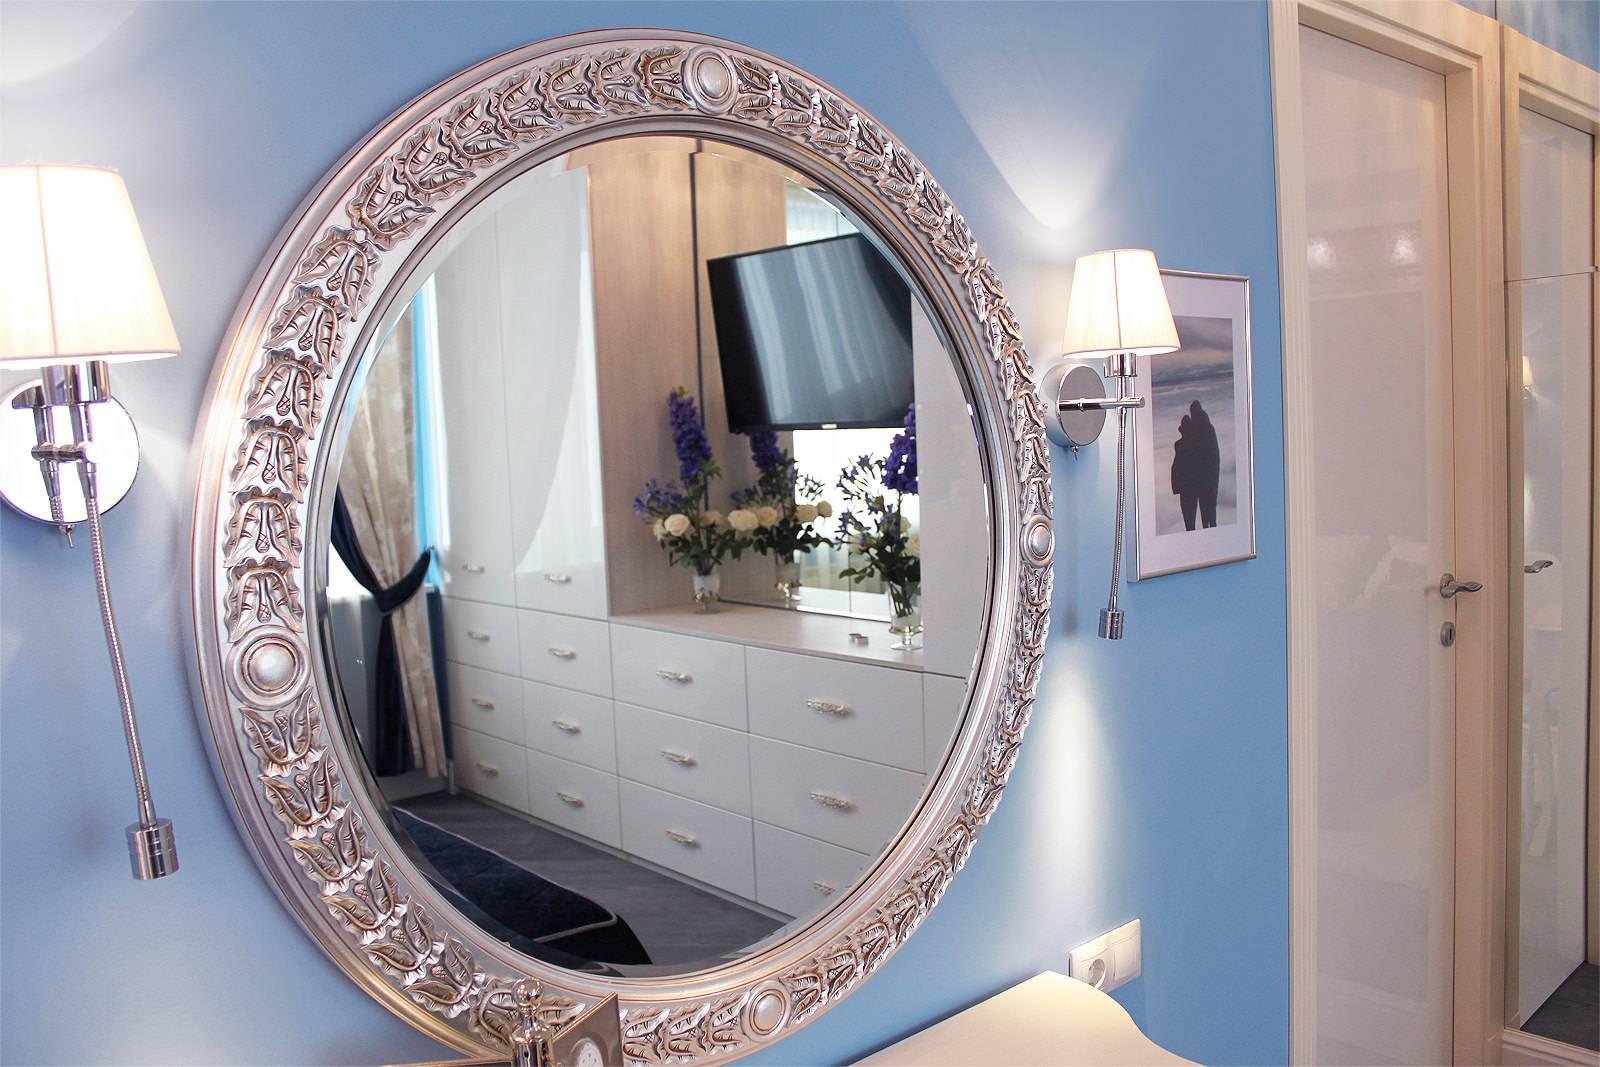 Зеркало напротив кровати: почему нельзя ставить в спальне где спишь